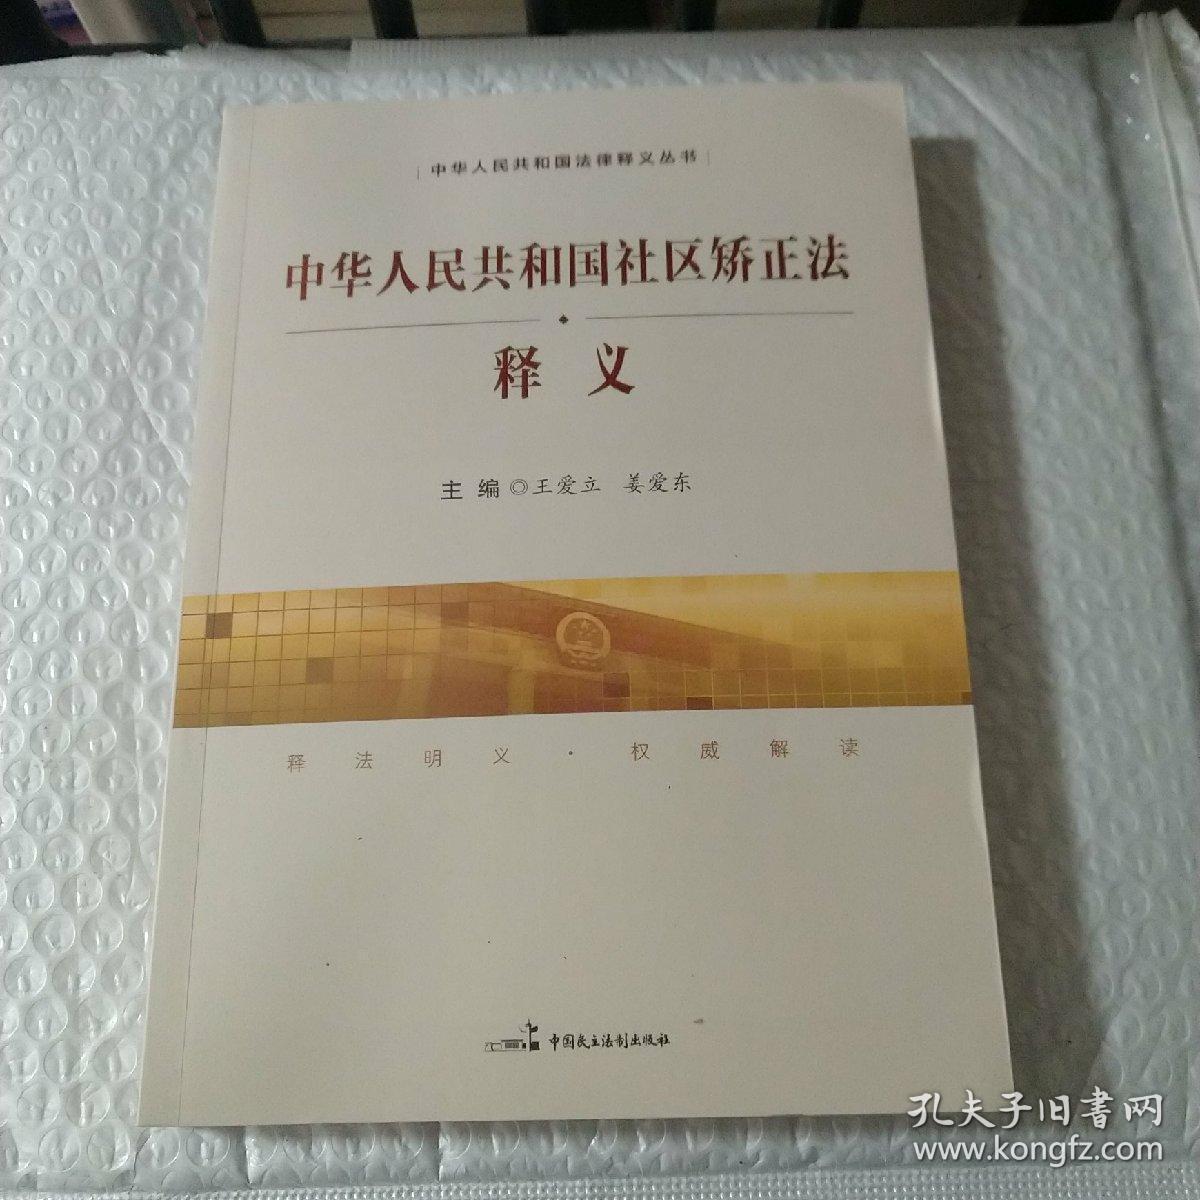 中华人民共和国社区矫正法释义/中华人民共和国法律释义丛书